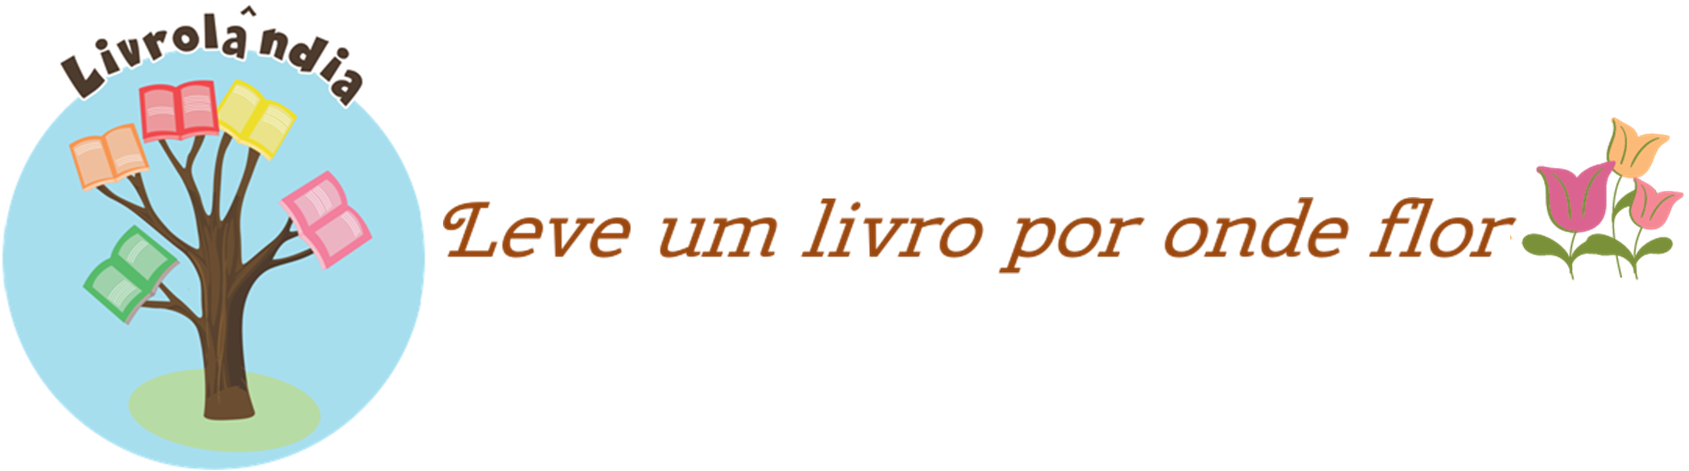 Livrolandia